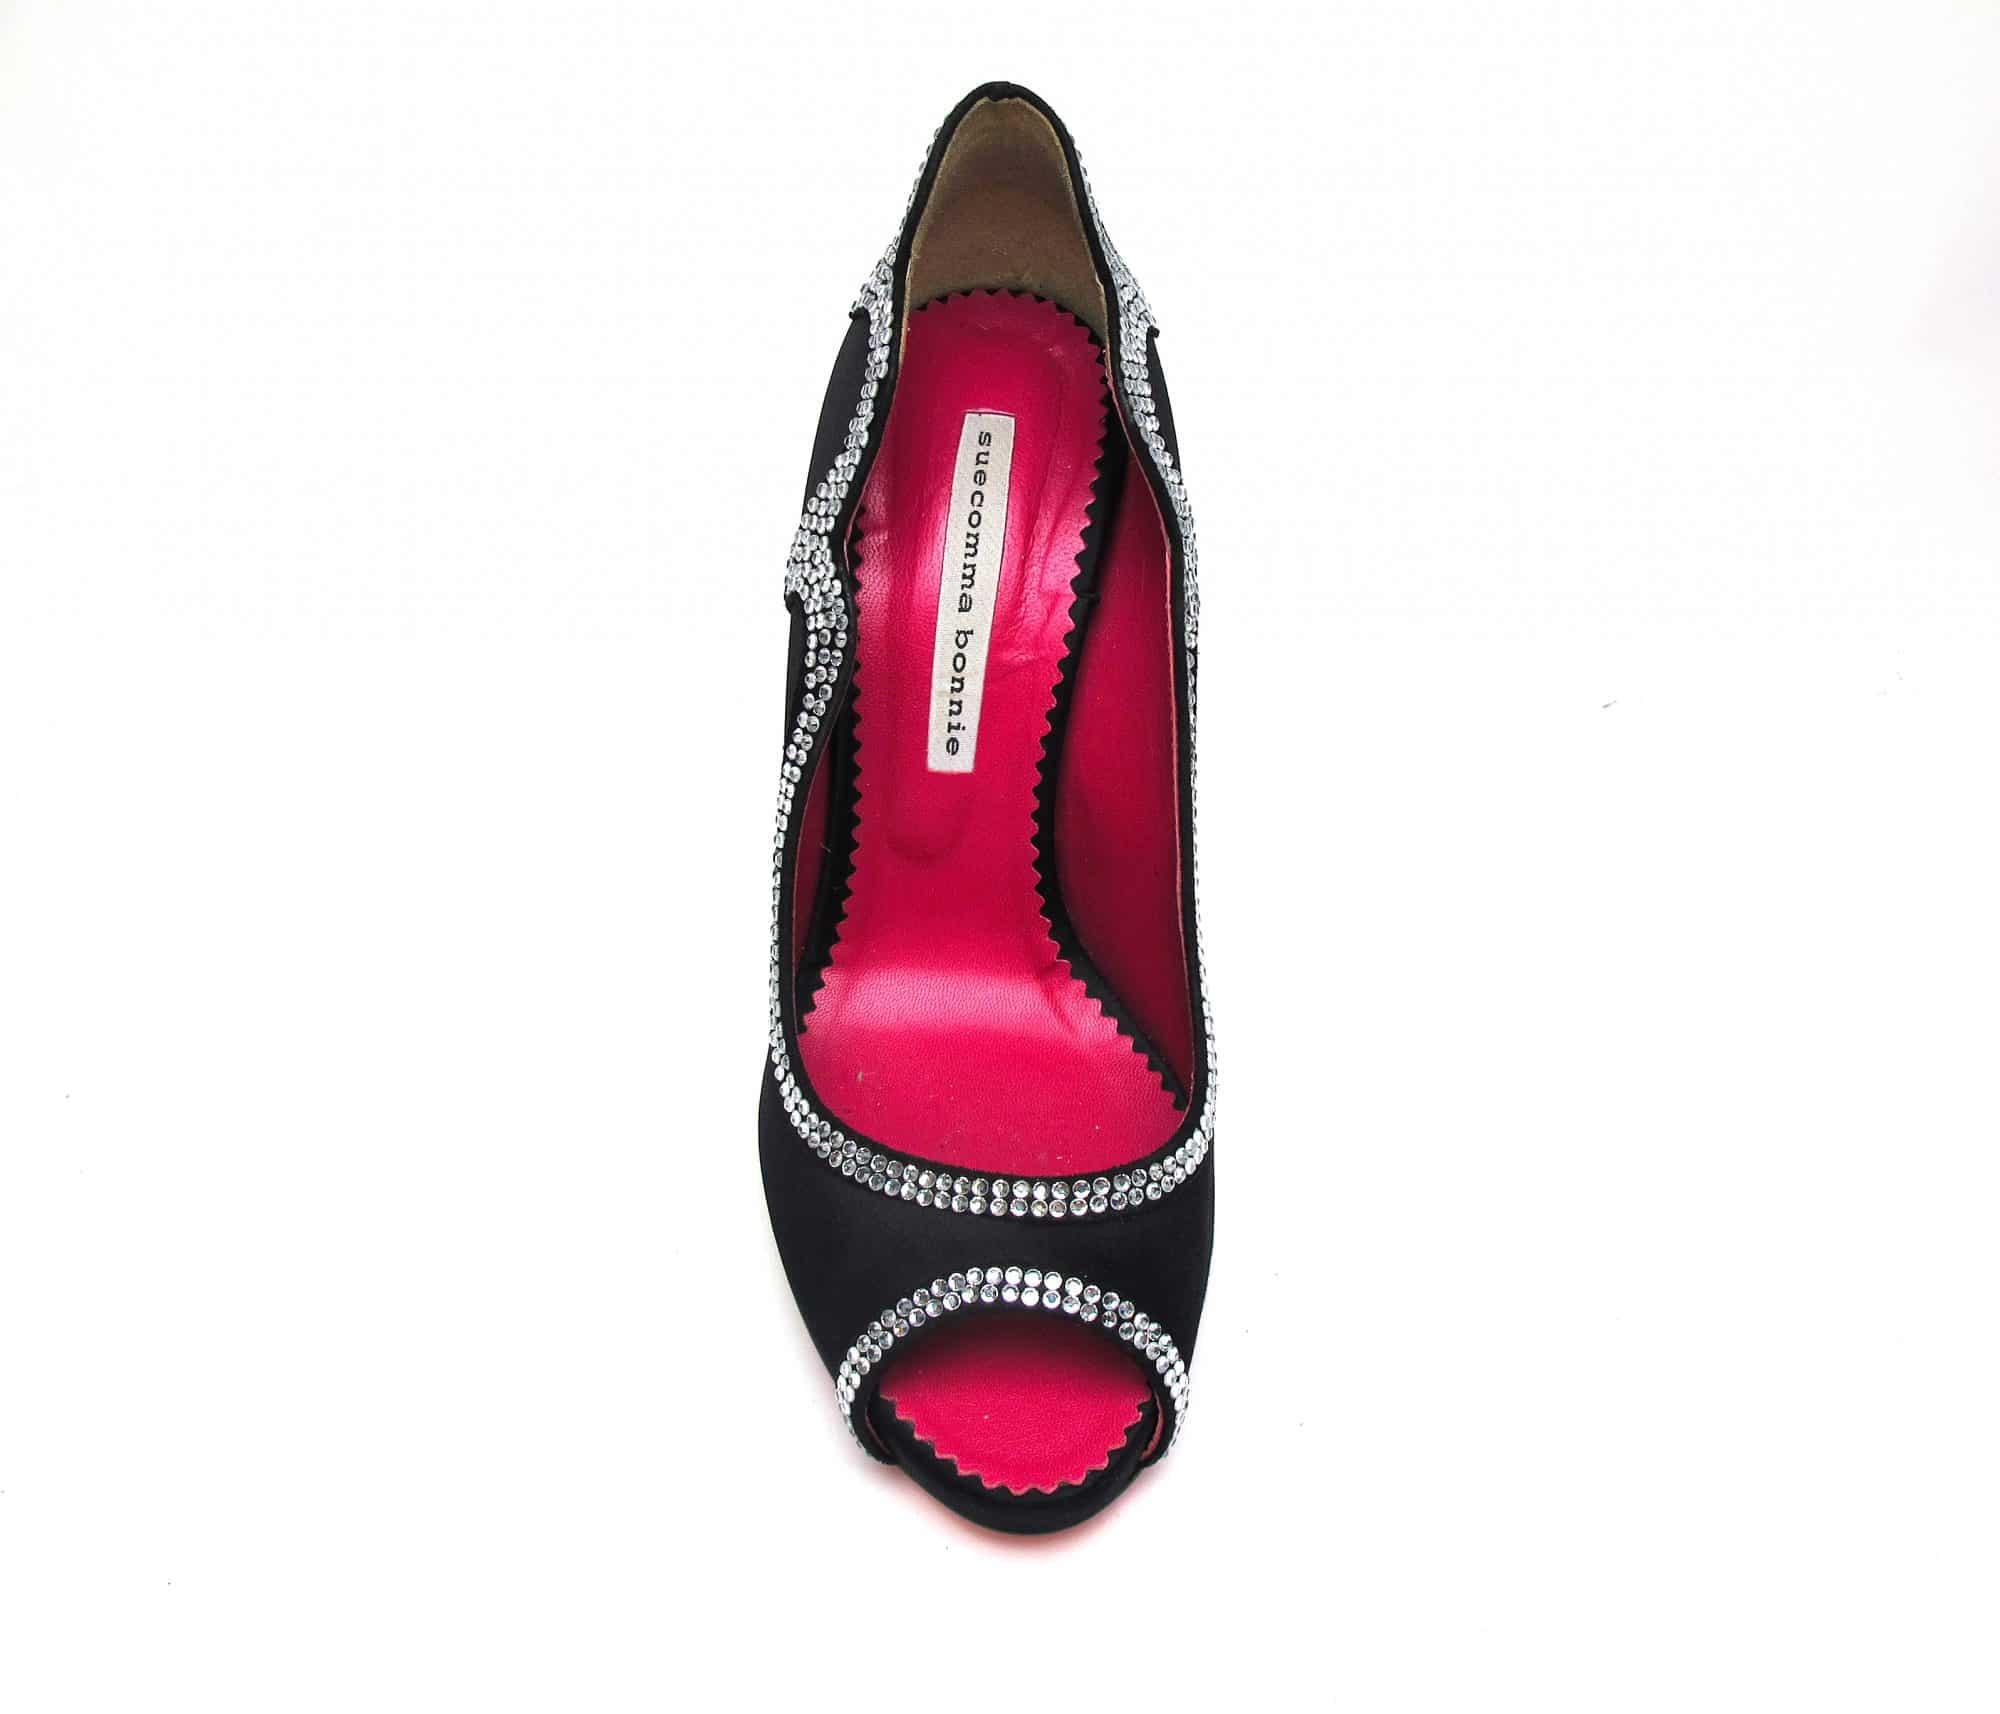 Suecomma Bonnie Black & Crystal embellished peep toe heels